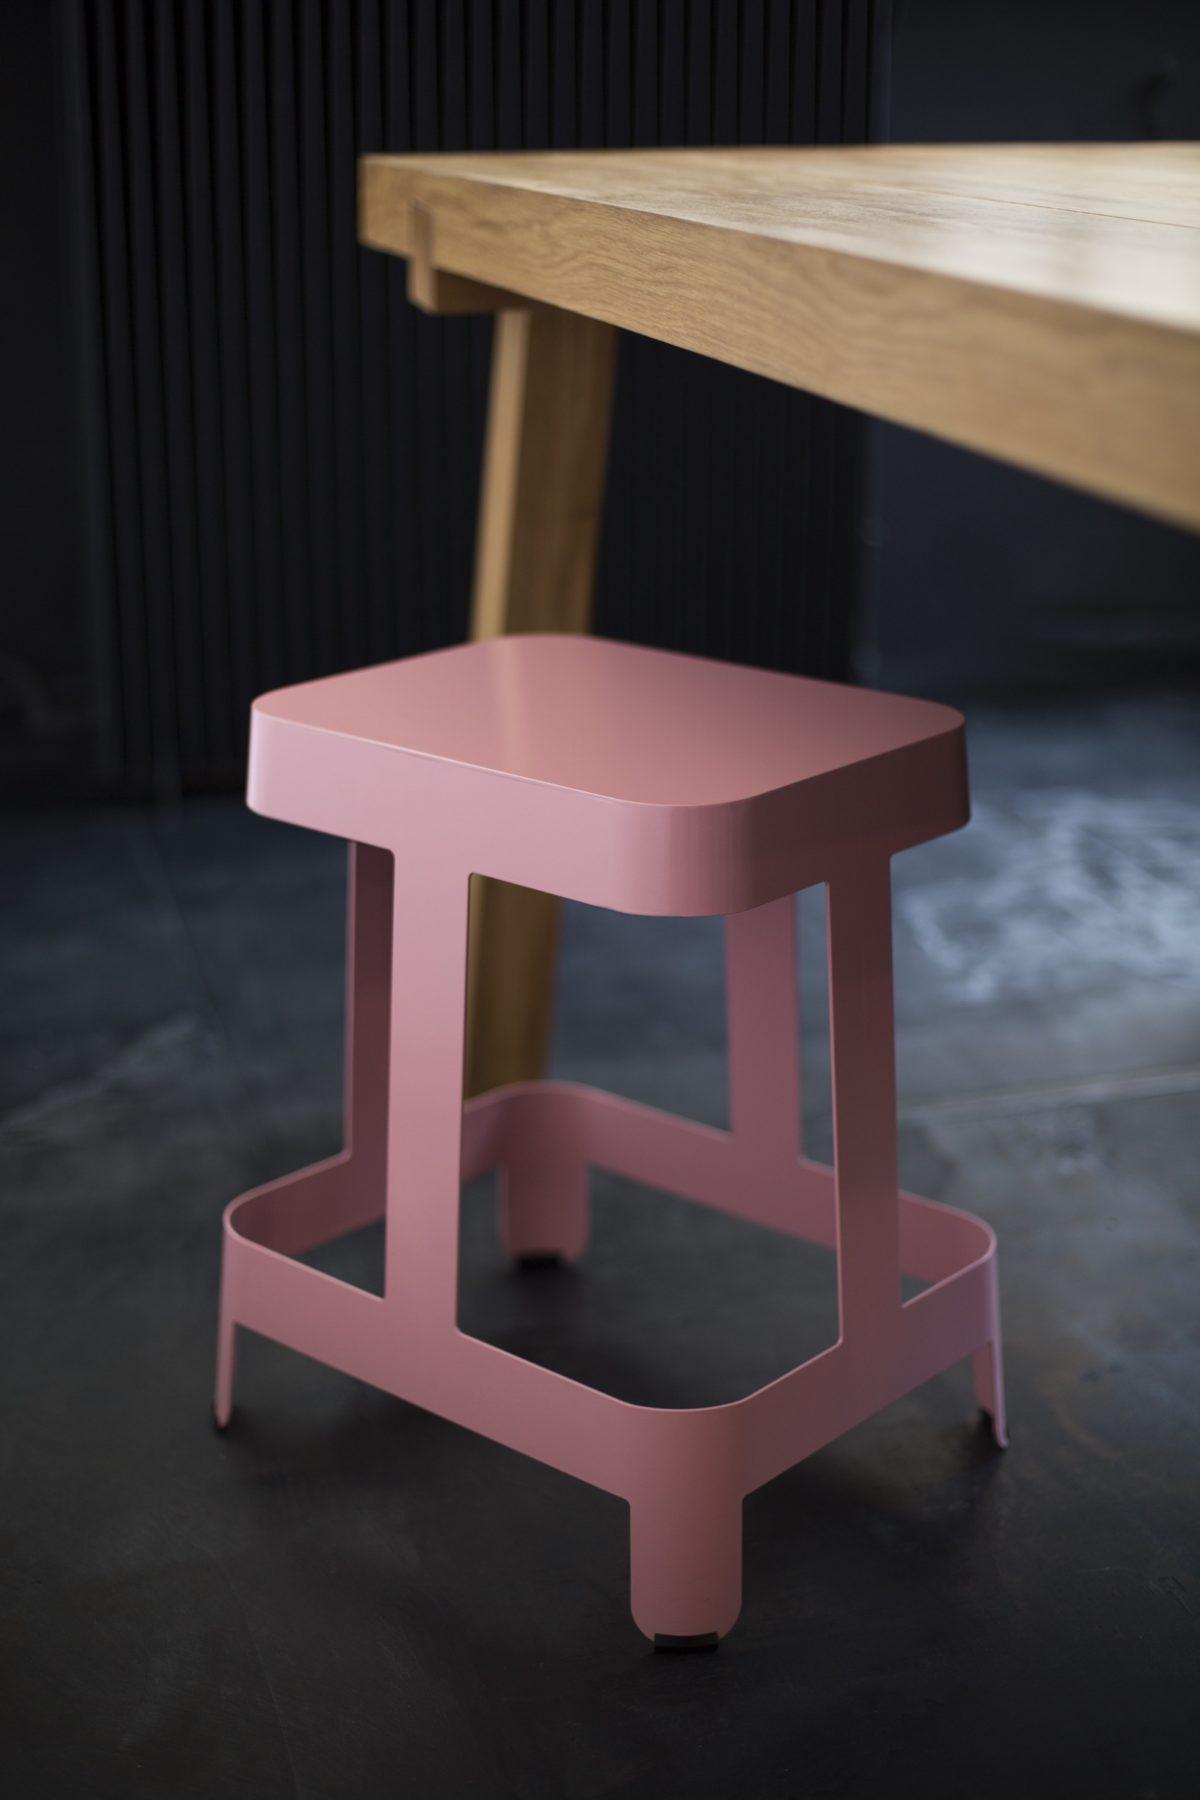 Tabouret PILE - KATABA.fr - bold-design.fr